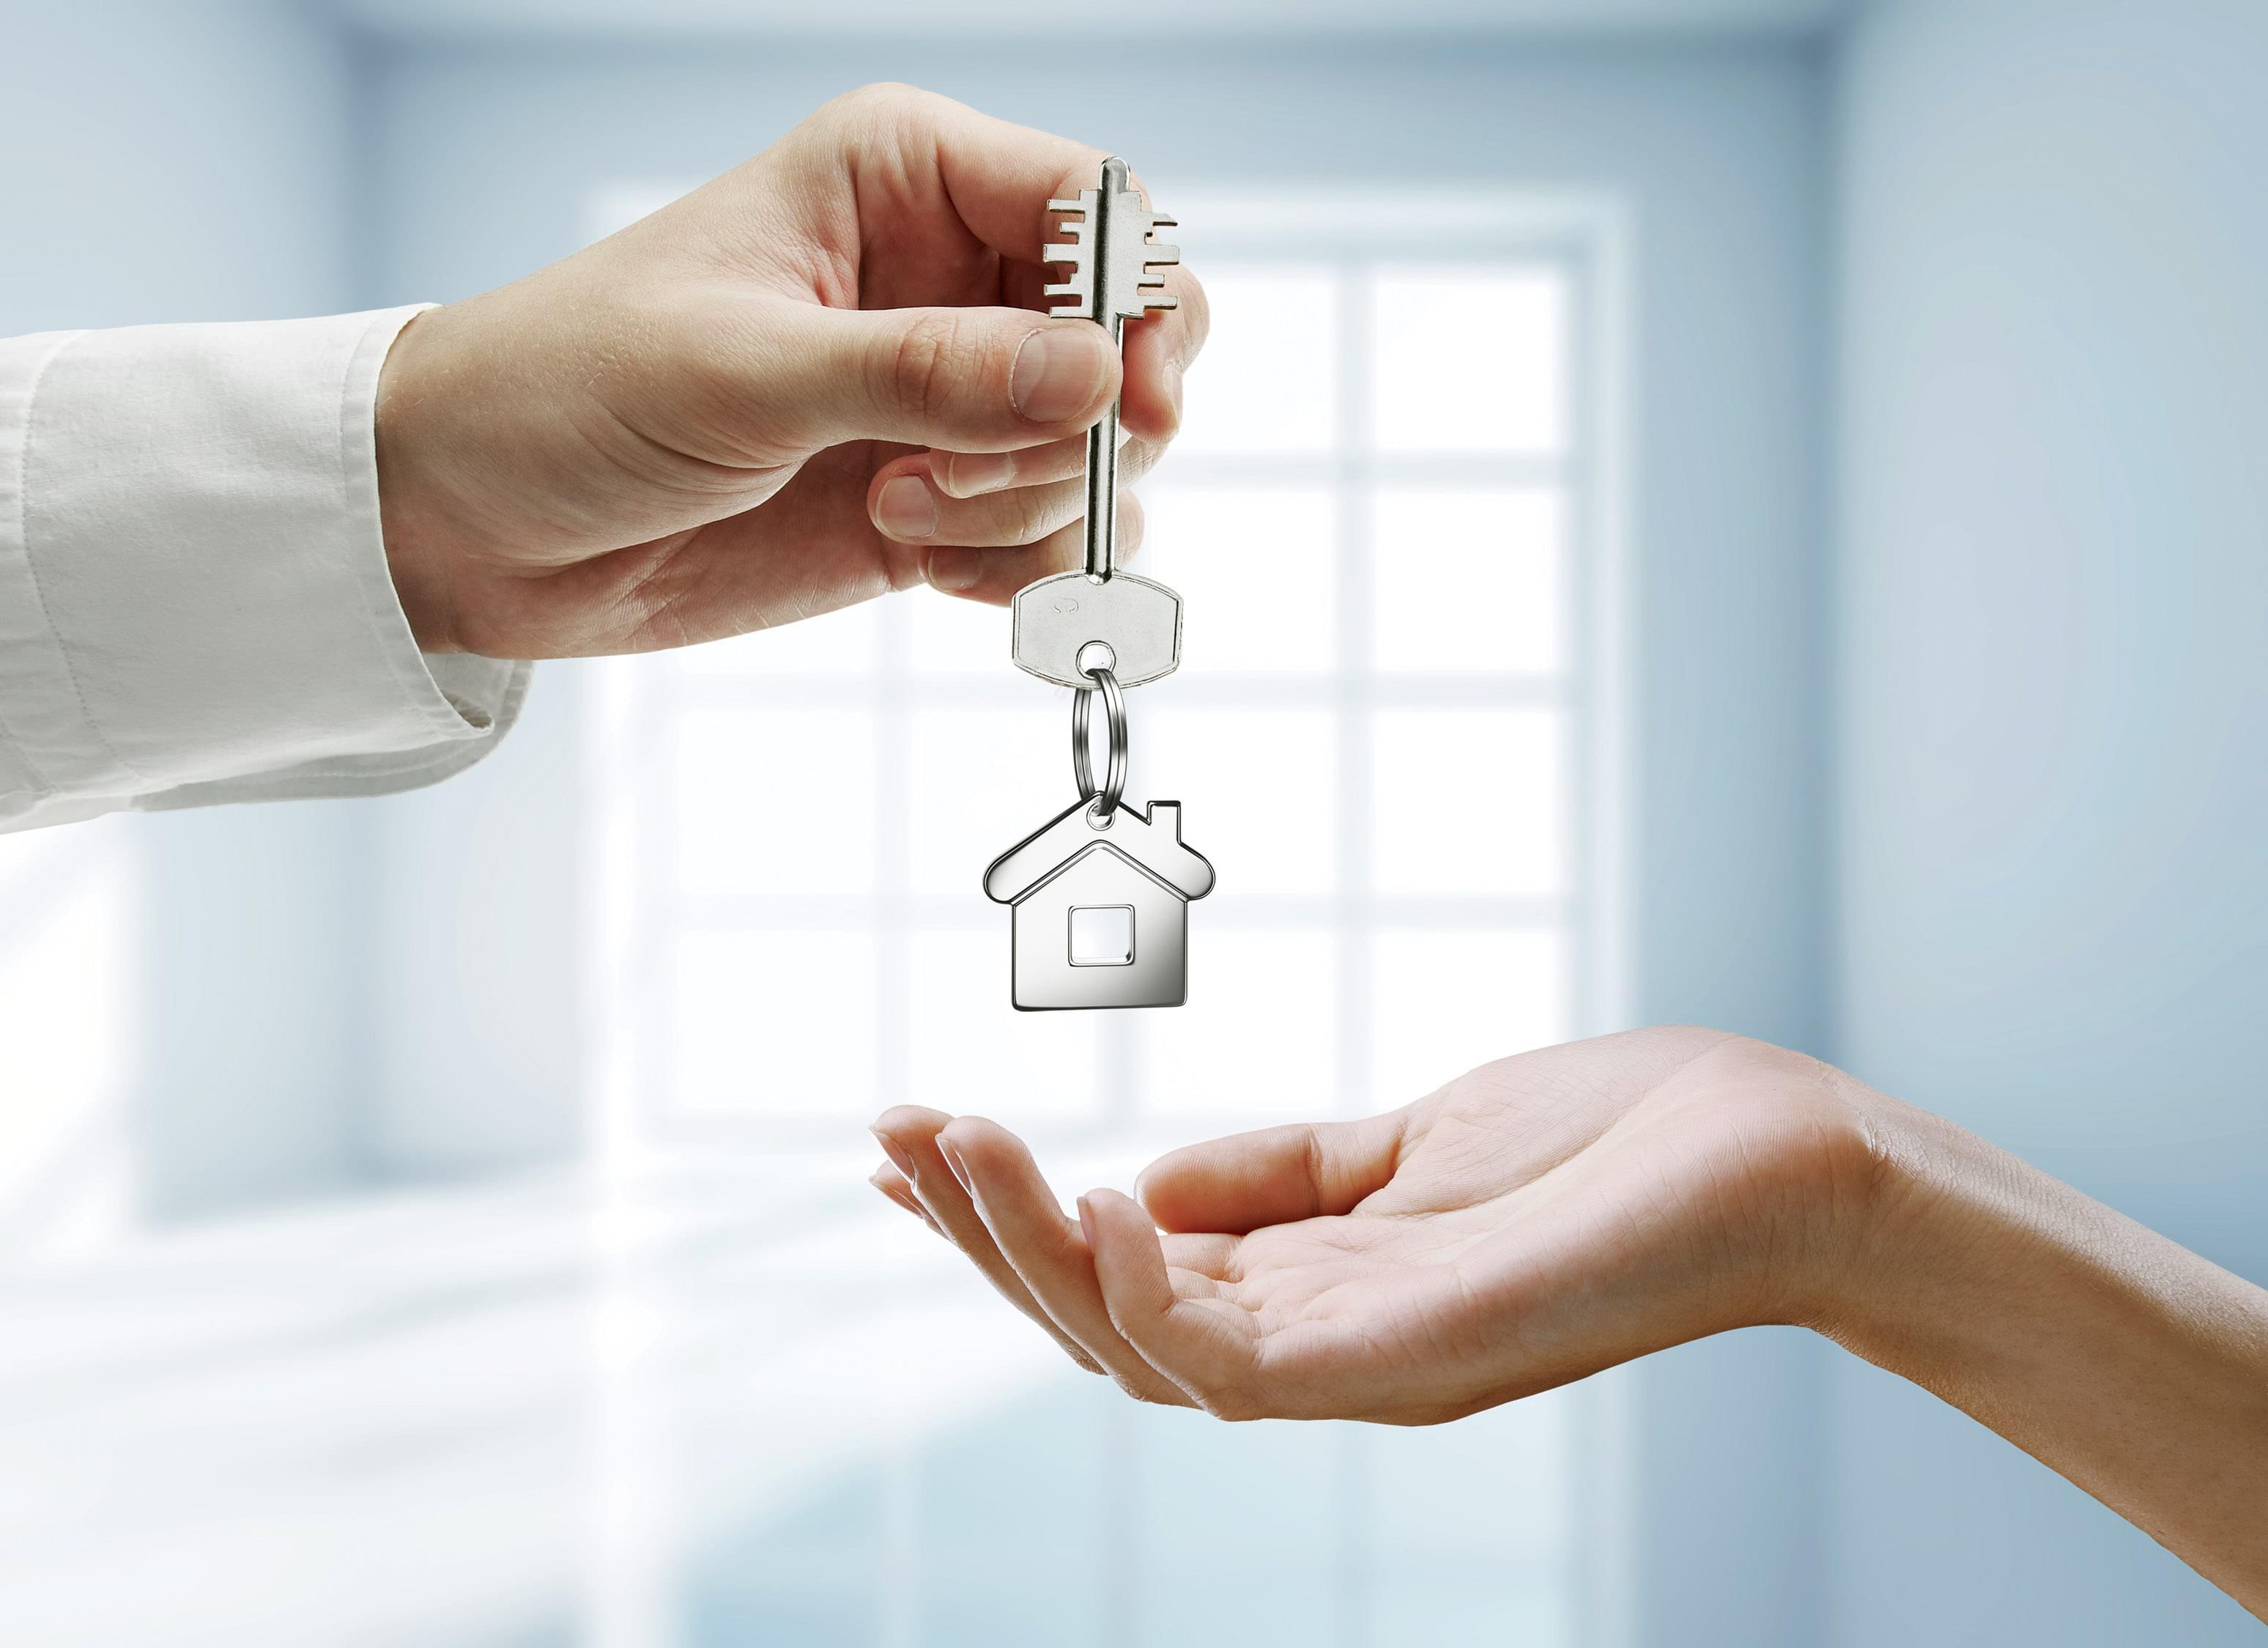 Изображение - Риски при покупке квартиры на вторичном рынке wsi-imageoptim-pokupka_vtorichnogo_jilya_riski_i_sposobyi_ih_izbejat